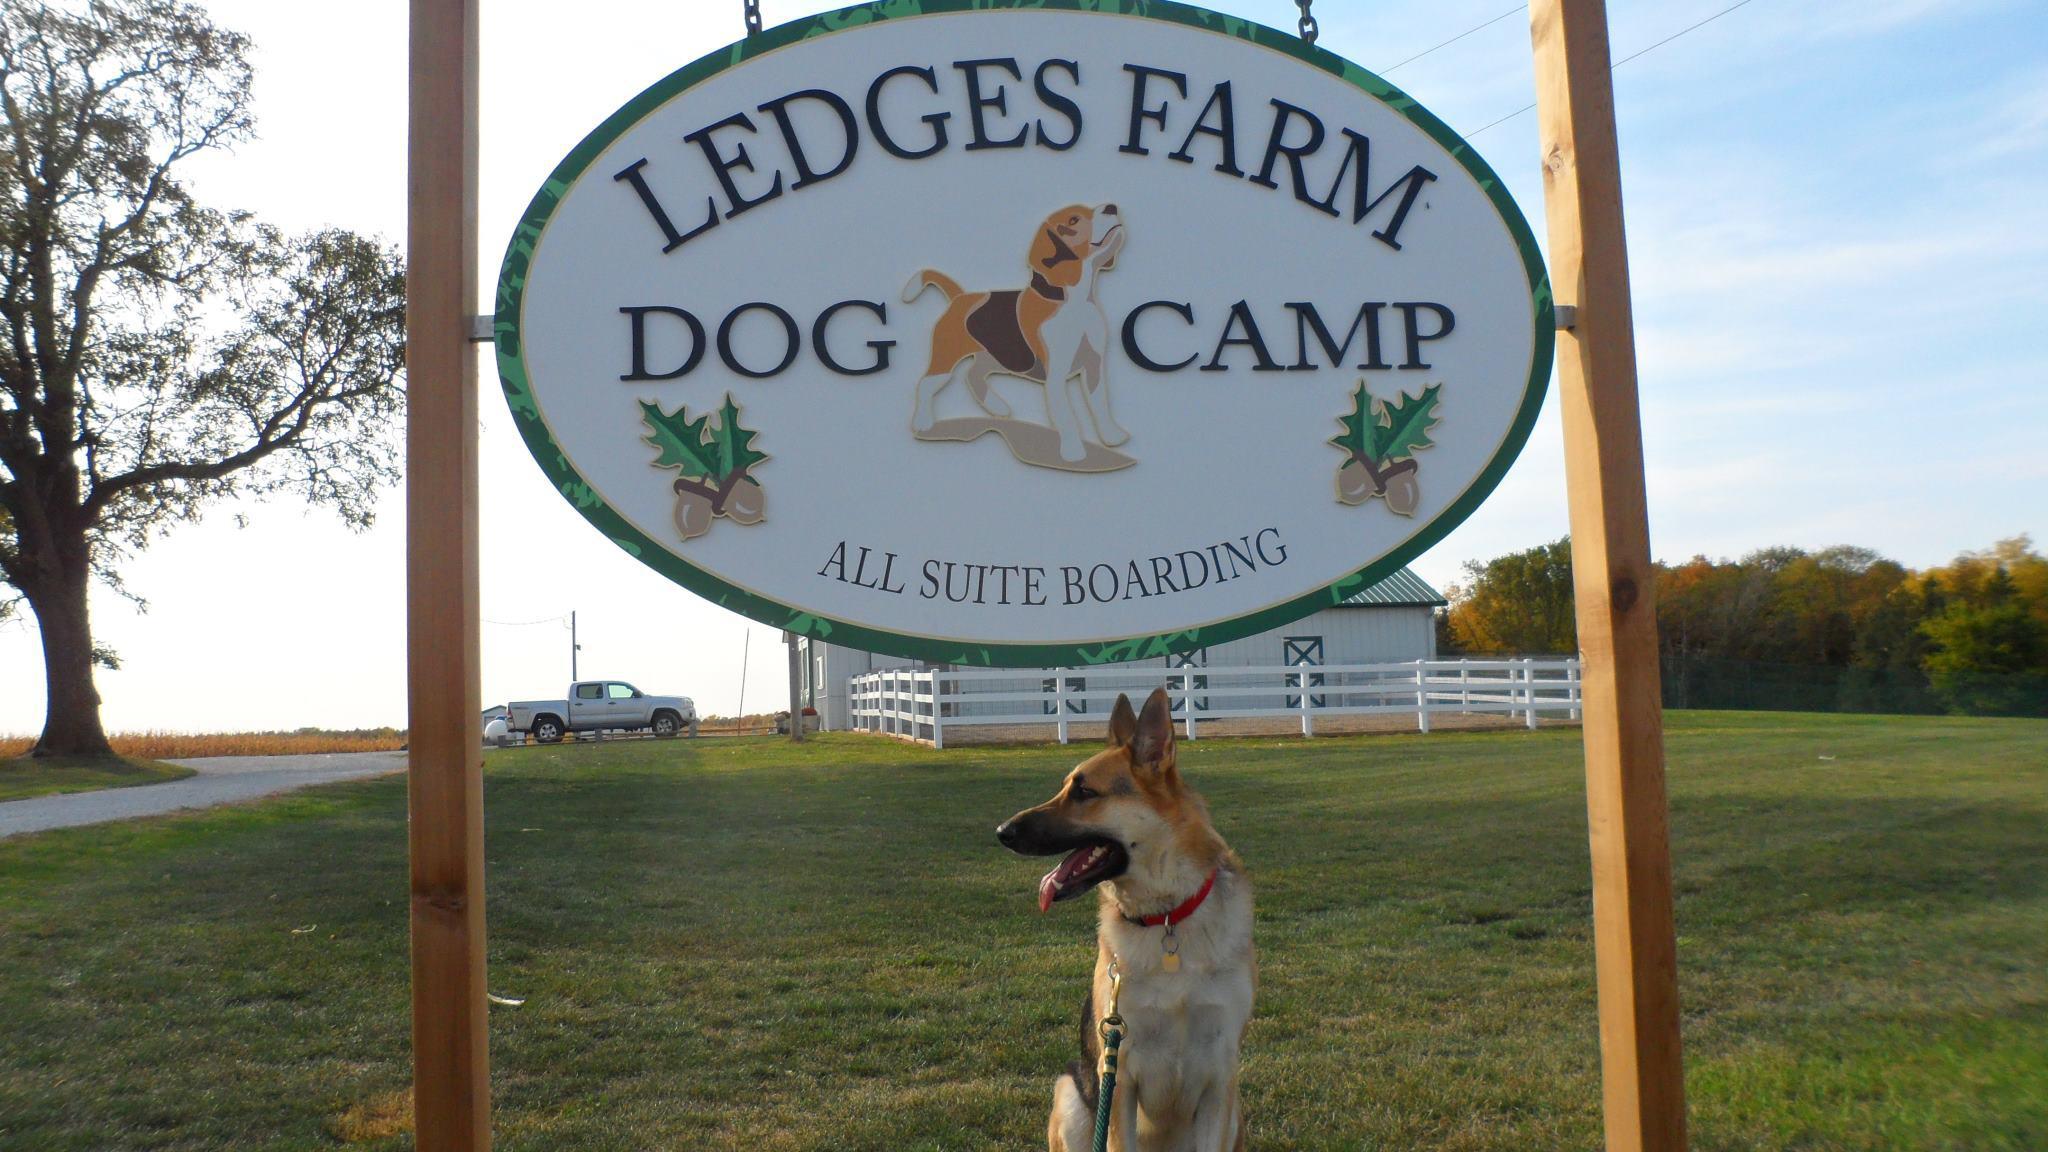 Ledges Farm Dog Camp image 1